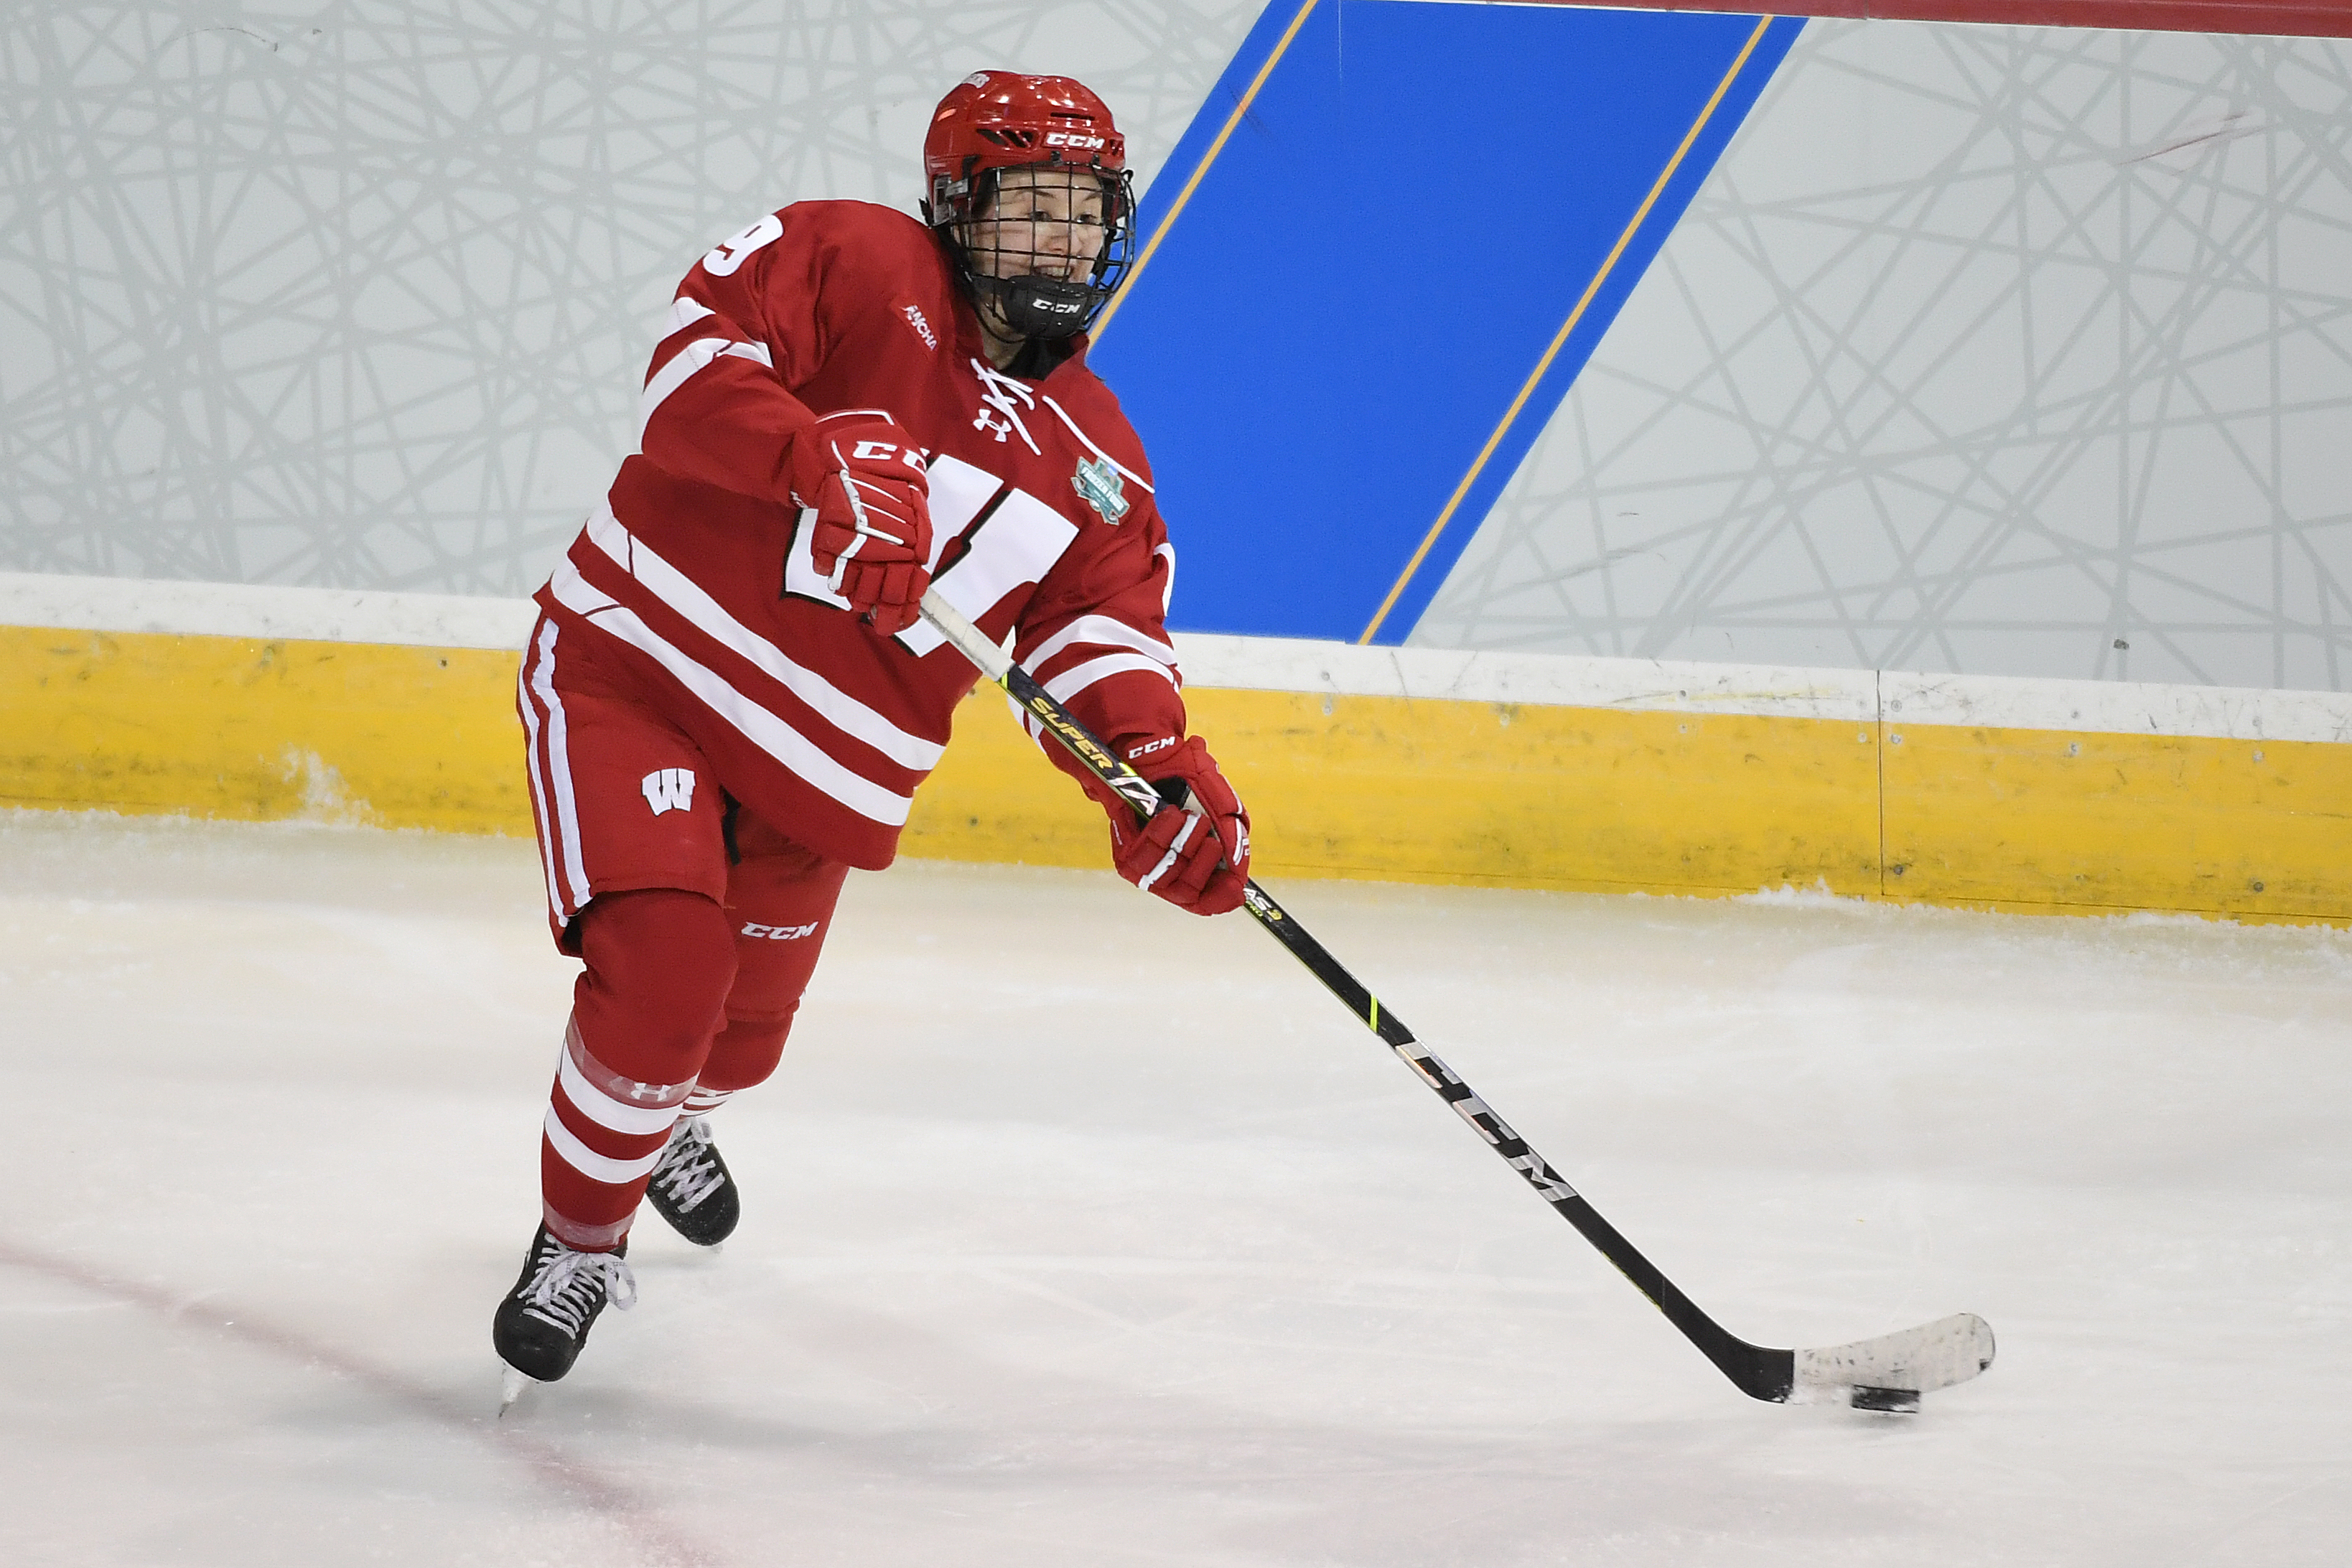 2021 NCAA Division I Women's Ice Hockey Championship